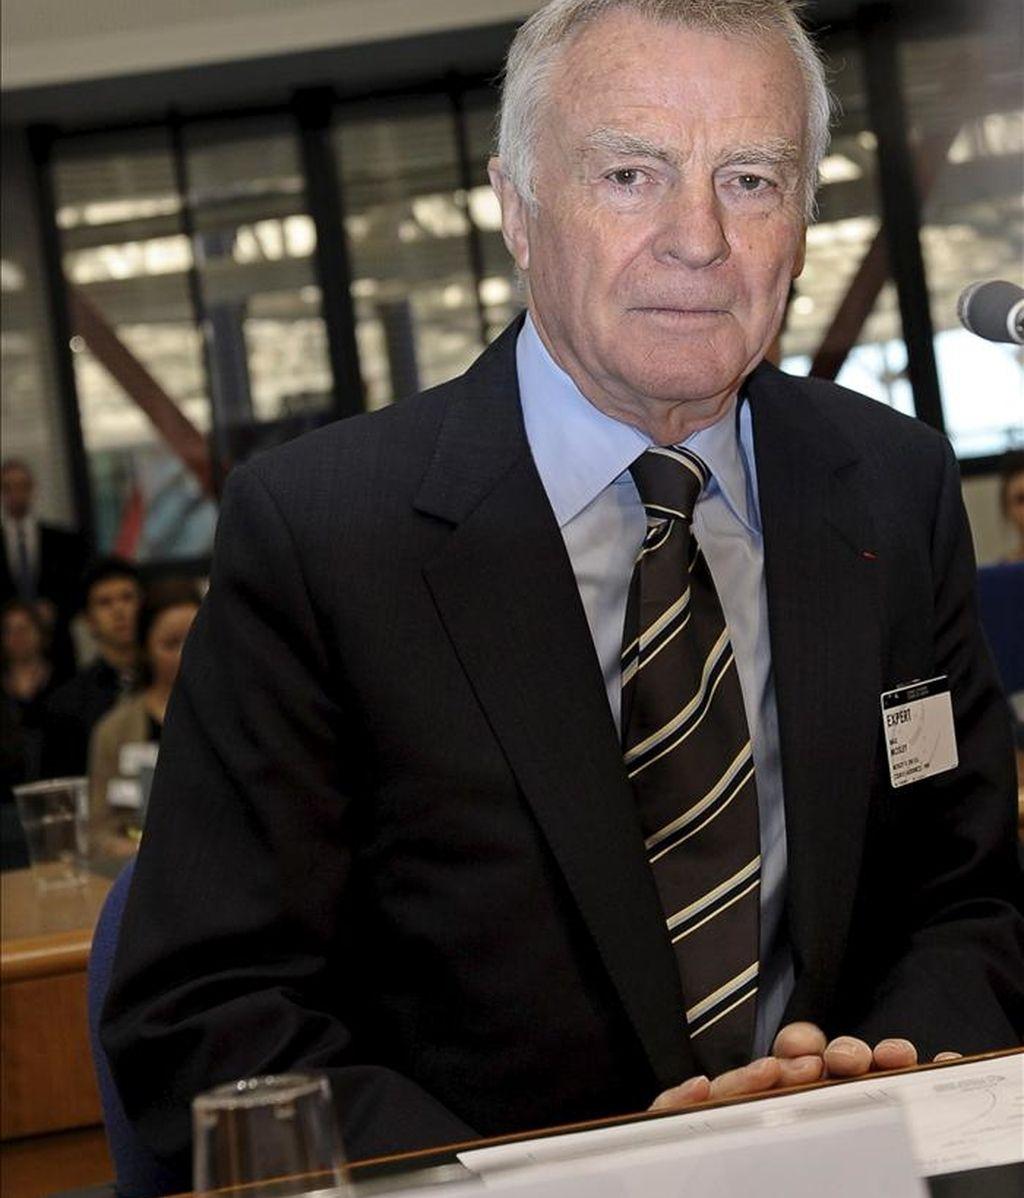 Foto de archivo del ex presidente de la FIA el británico Max Mosley al inicio de la vista contra el Gobierno británico en el Tribunal Europeo de Derechos Humanos de Estrasburgo (Francia) el 11 de enero de 2011. Mosley perdió hoy su demanda ante el Tribunal Europeo de Derechos Humanos para obligar a los periódicos a advertir a los implicados antes de exponer sus vidas privadas. EFE/Archivo